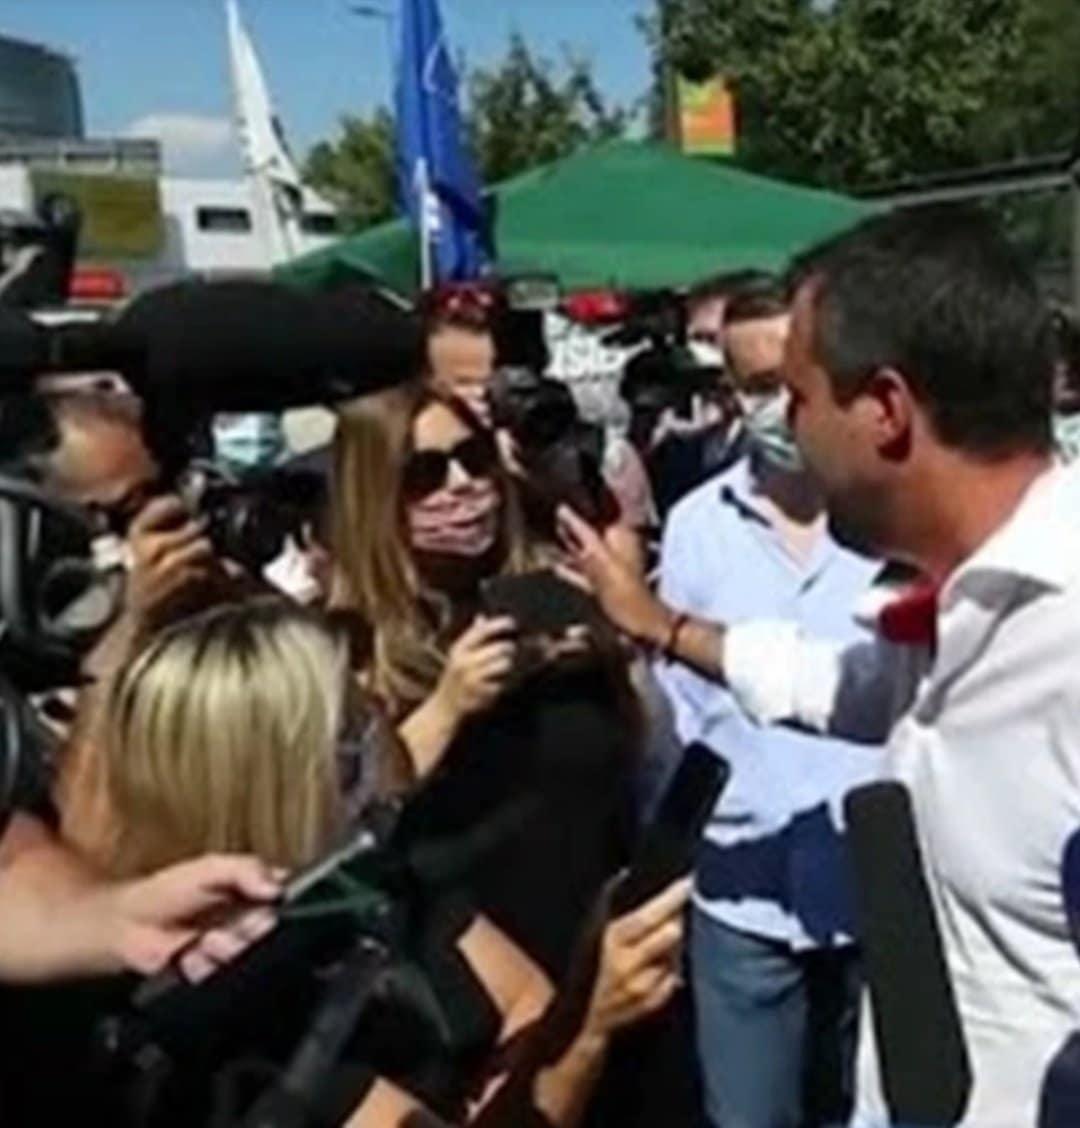 Lucarelli critica Fontana che indossa la mascherina, poi Salvini che non la indossa <br> Intanto lei la porta a metà